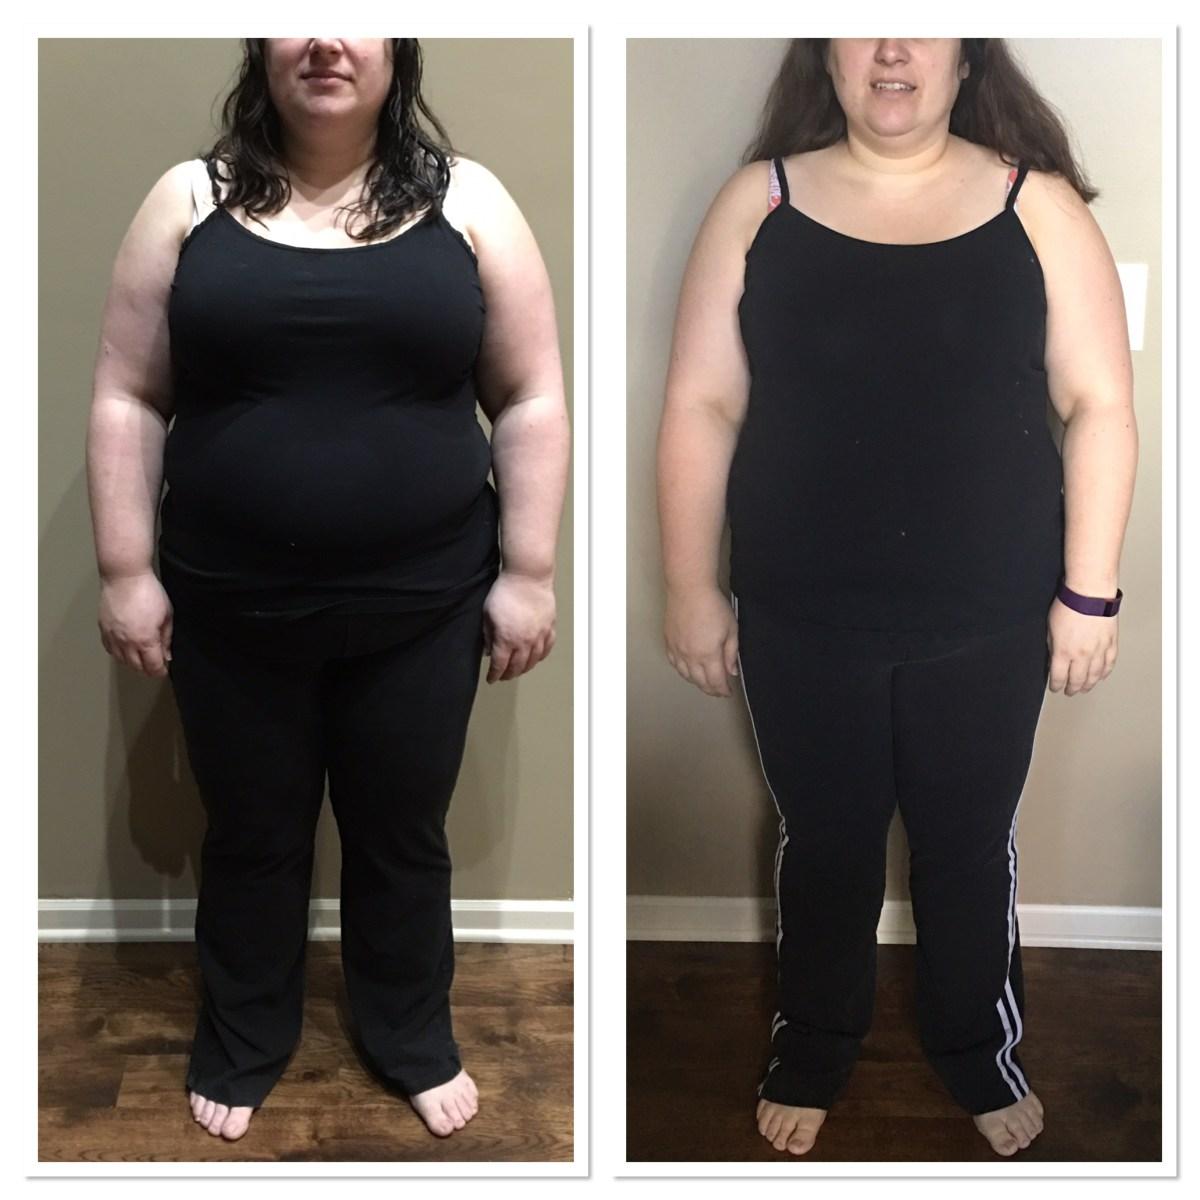 Week 9: 20 lbs Down!